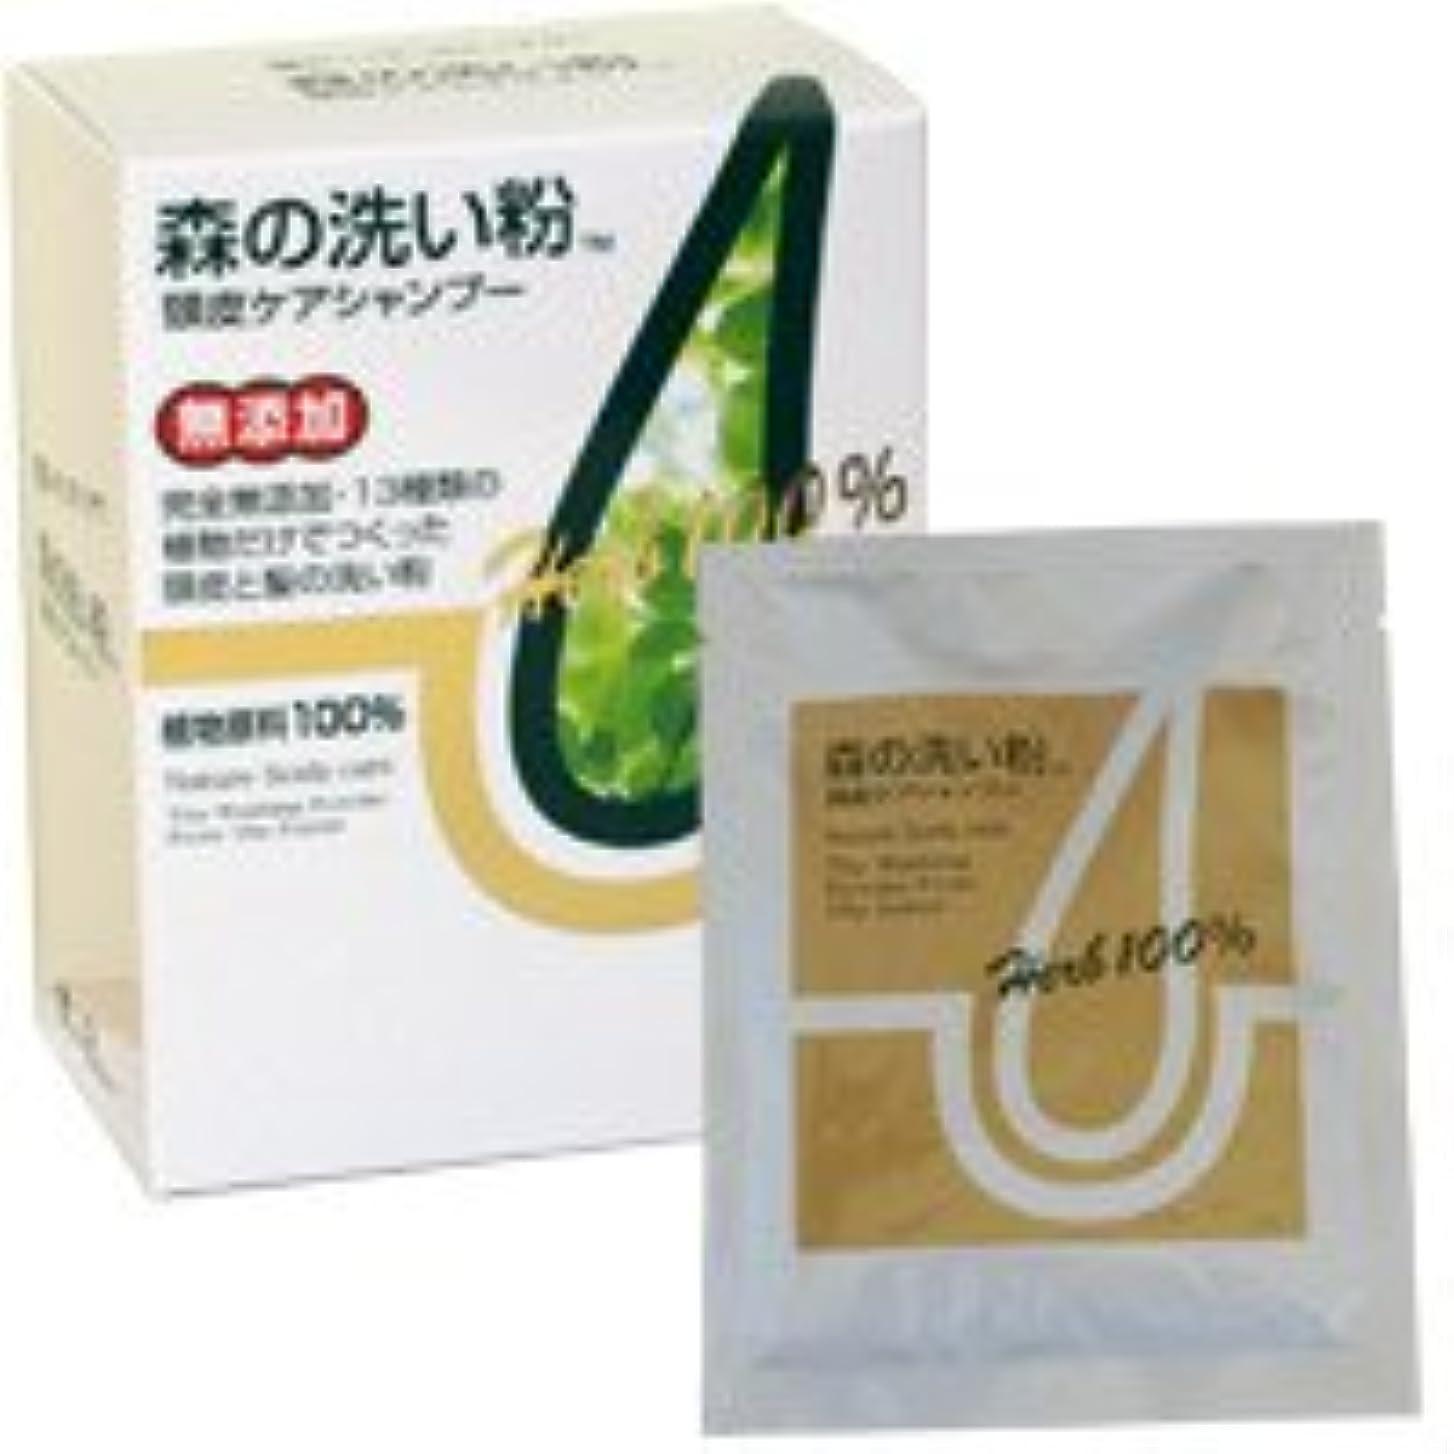 破裂思い出させるパーセントDr.ノグチ 森の洗い粉 頭皮ケアシャンプー 20g×10袋/1箱 (1ヶ月分)